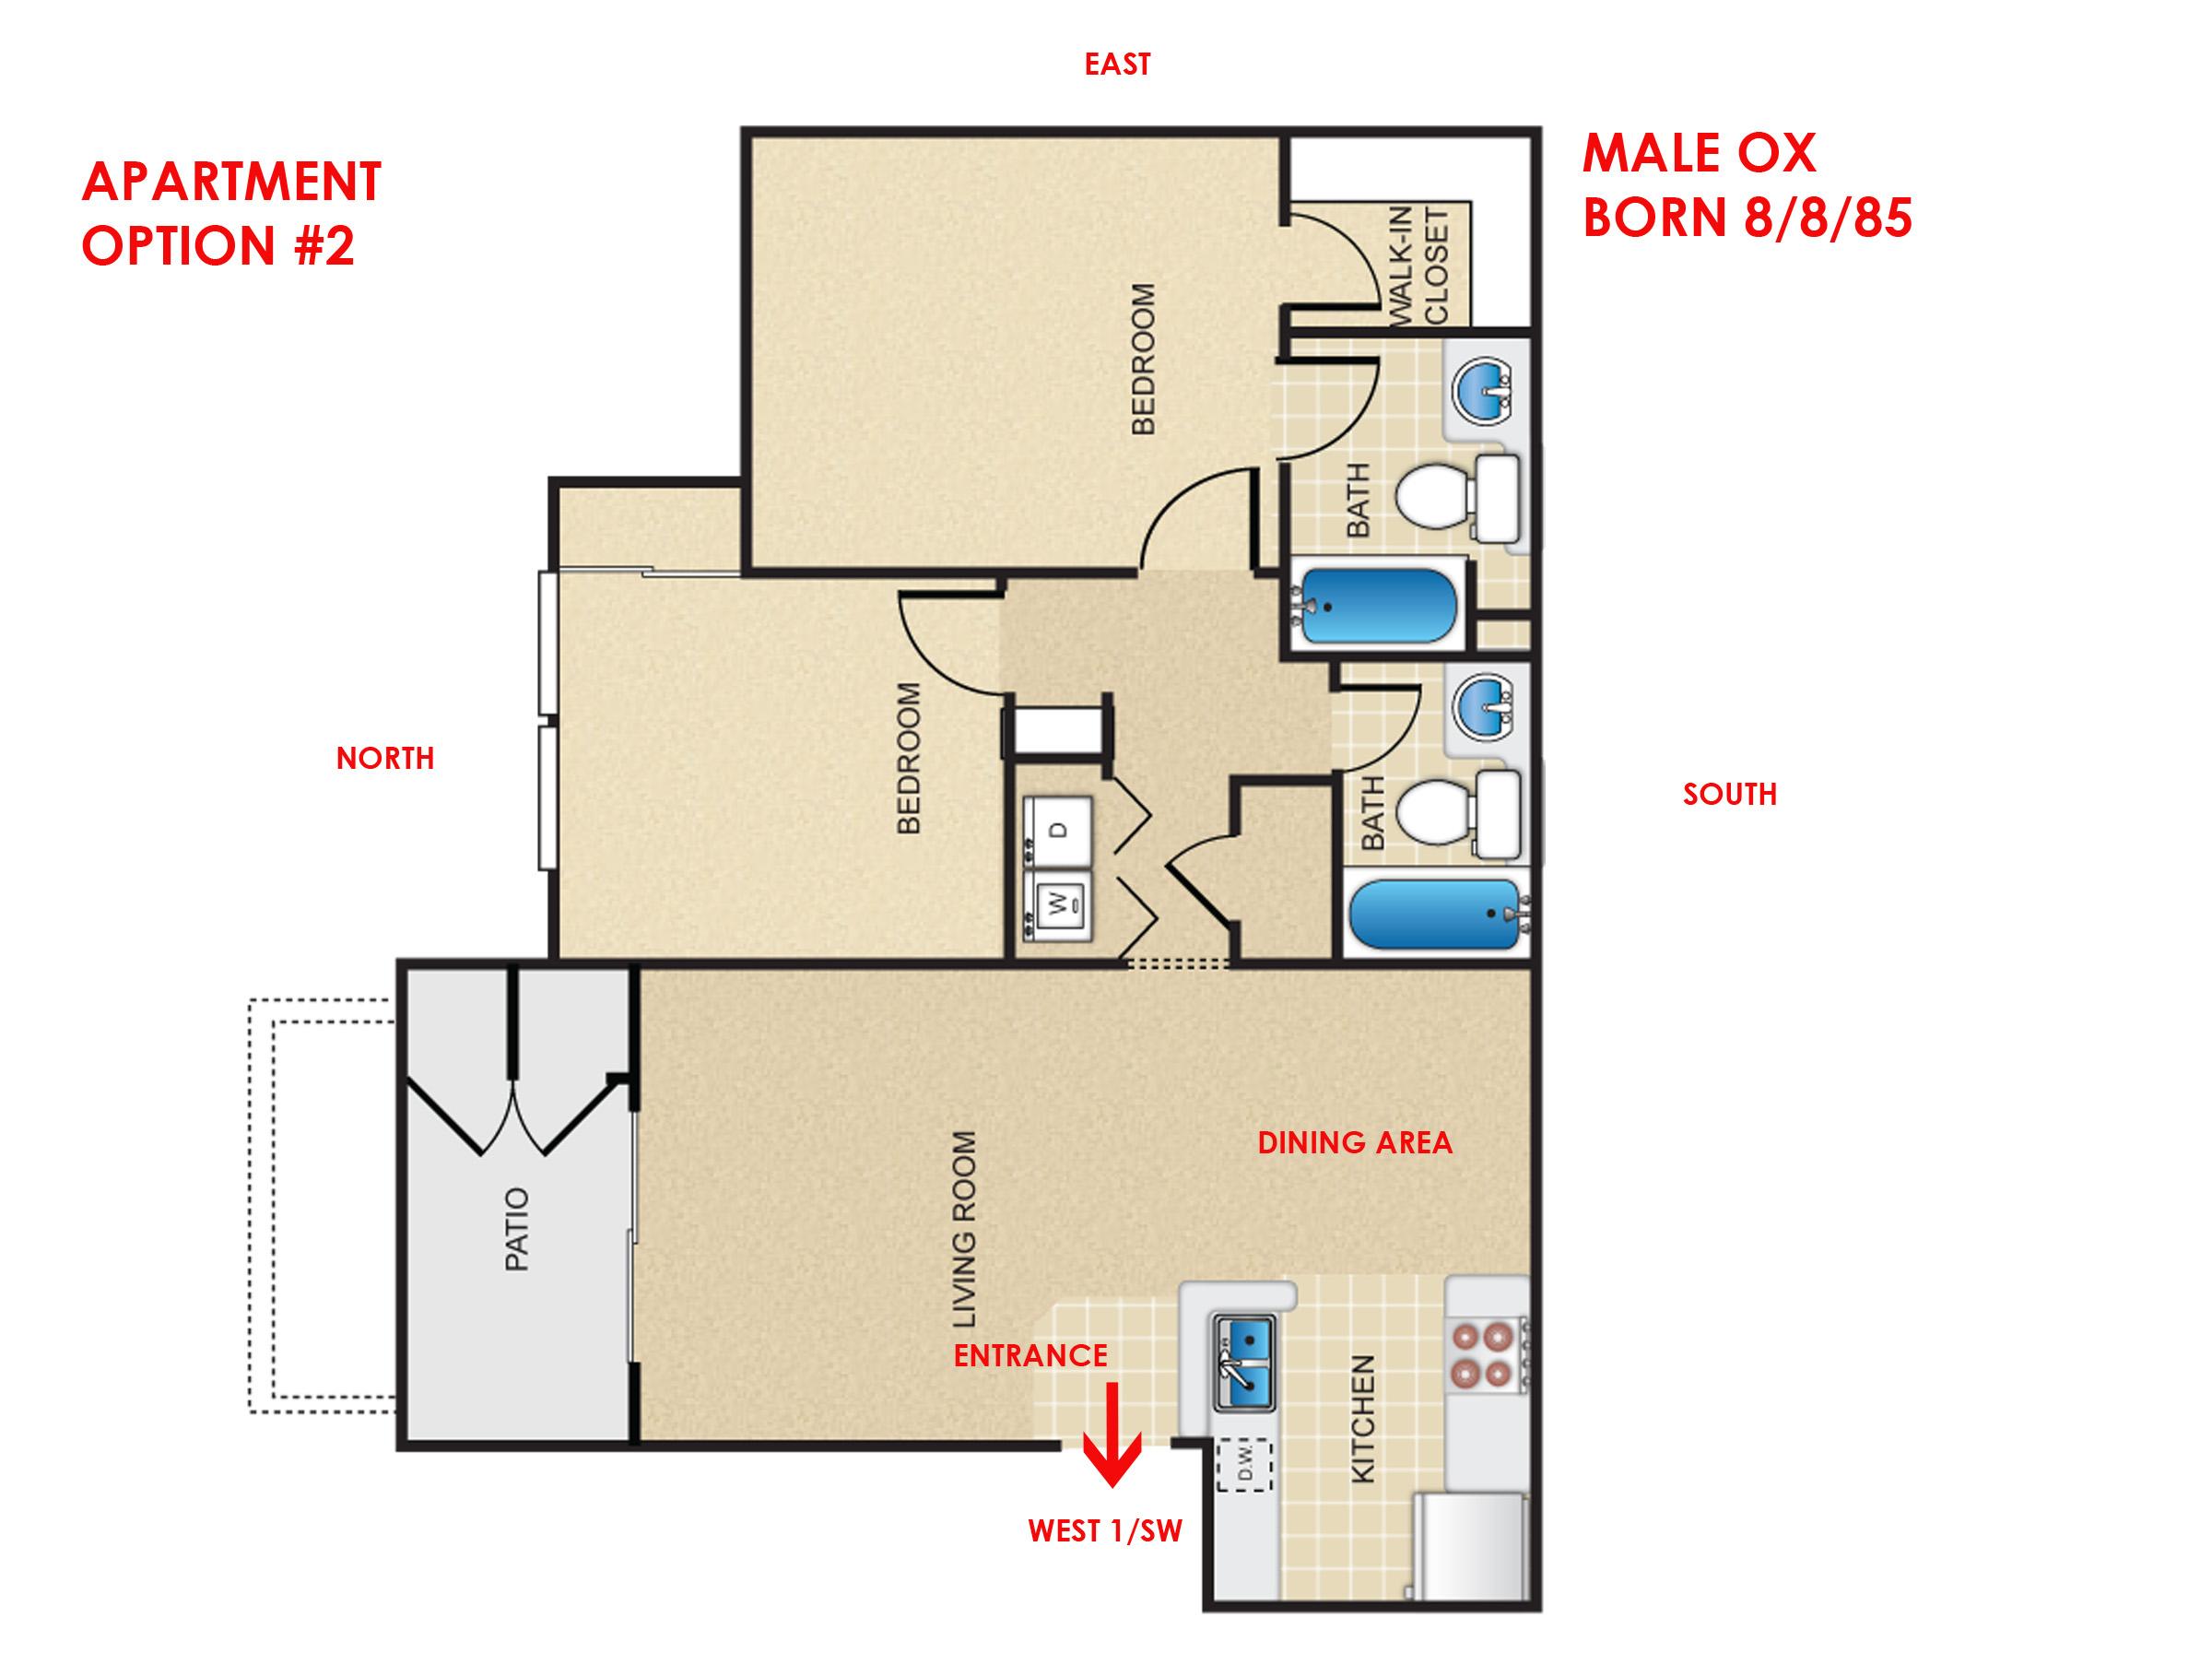 Help with choosing apartment front door direction